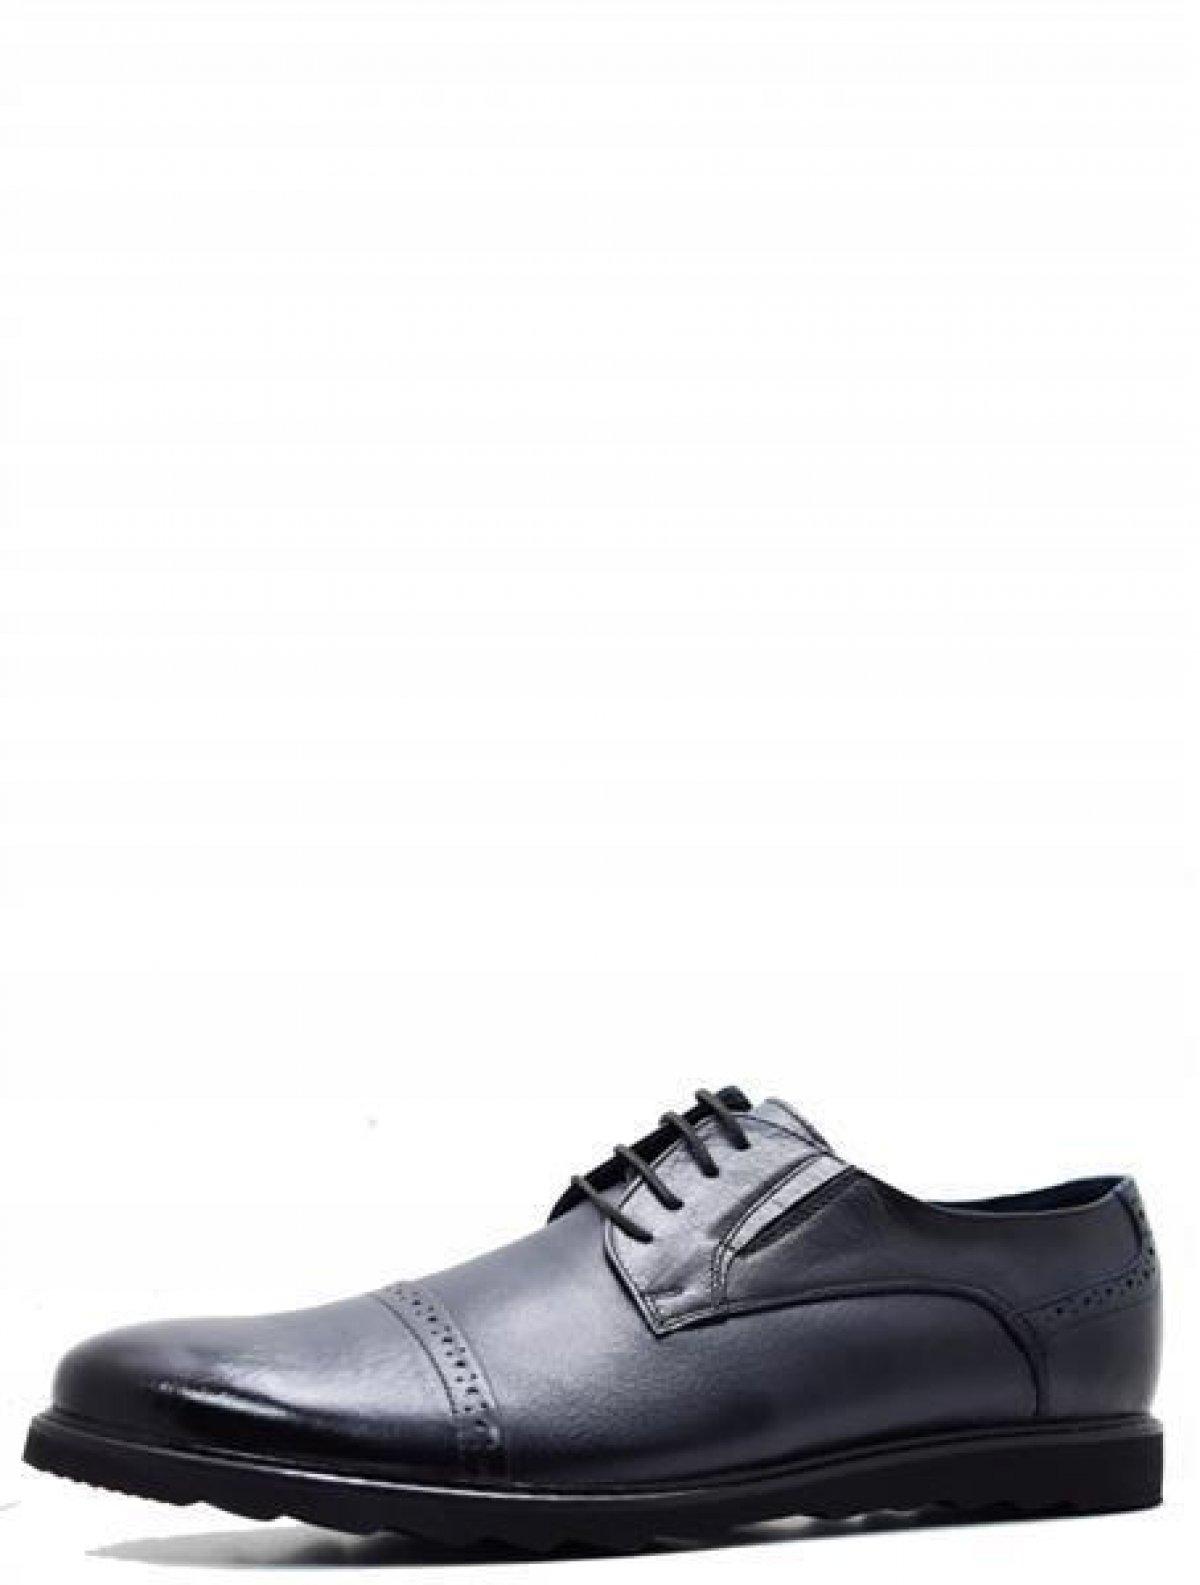 AG 3030-1 мужские туфли